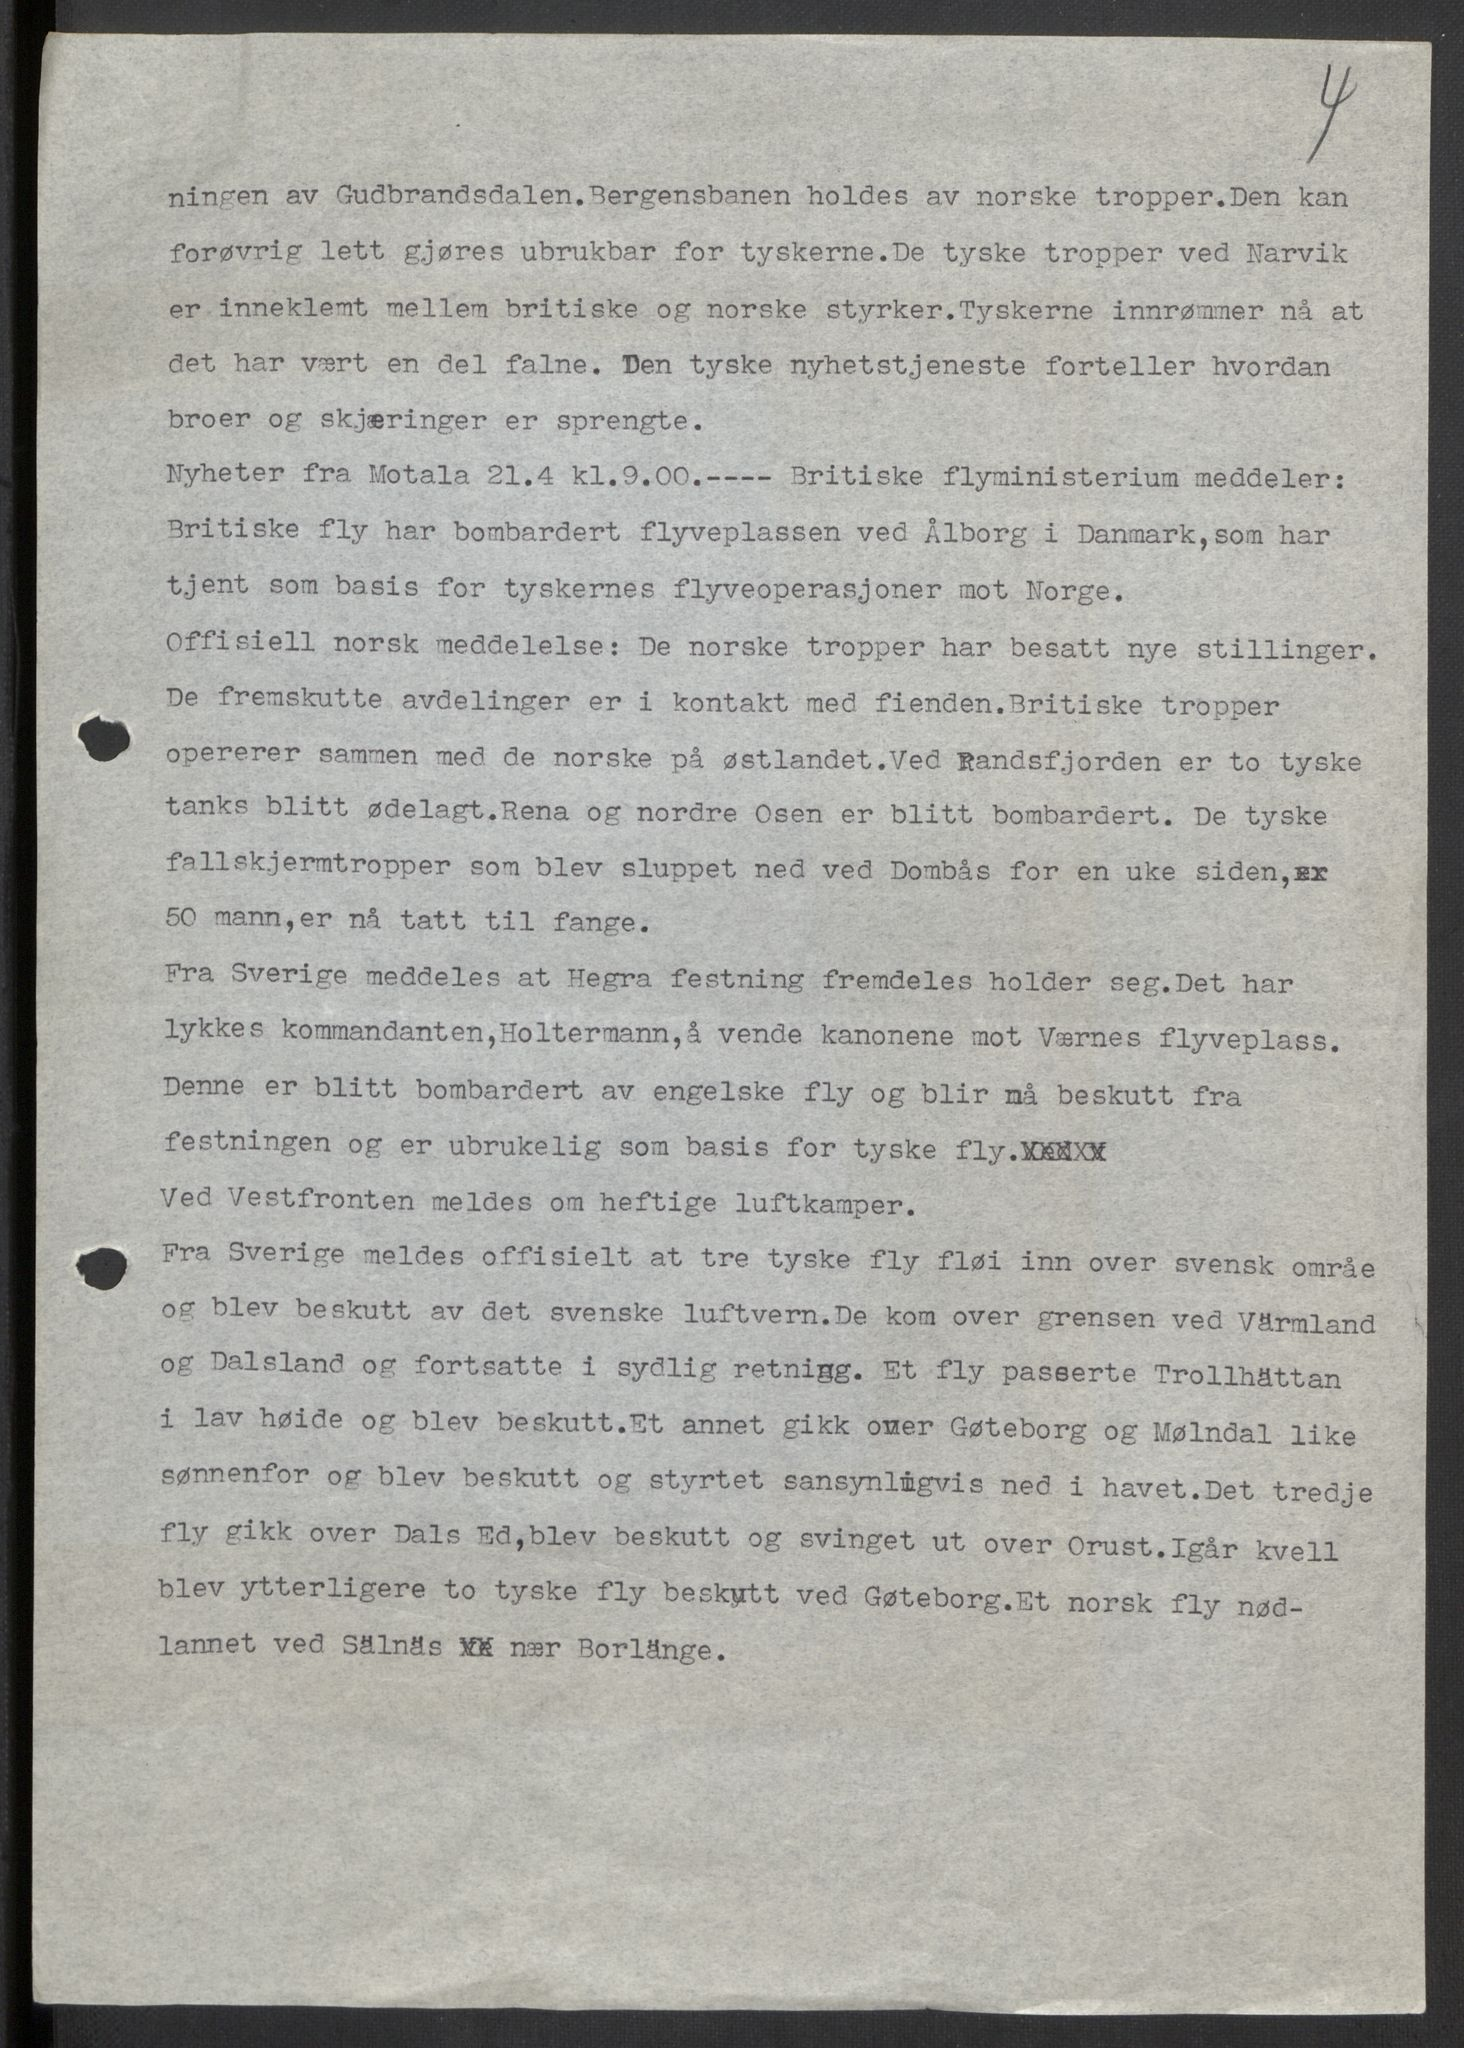 RA, Forsvaret, Forsvarets krigshistoriske avdeling, Y/Yb/L0104: II-C-11-430  -  4. Divisjon., 1940, s. 294